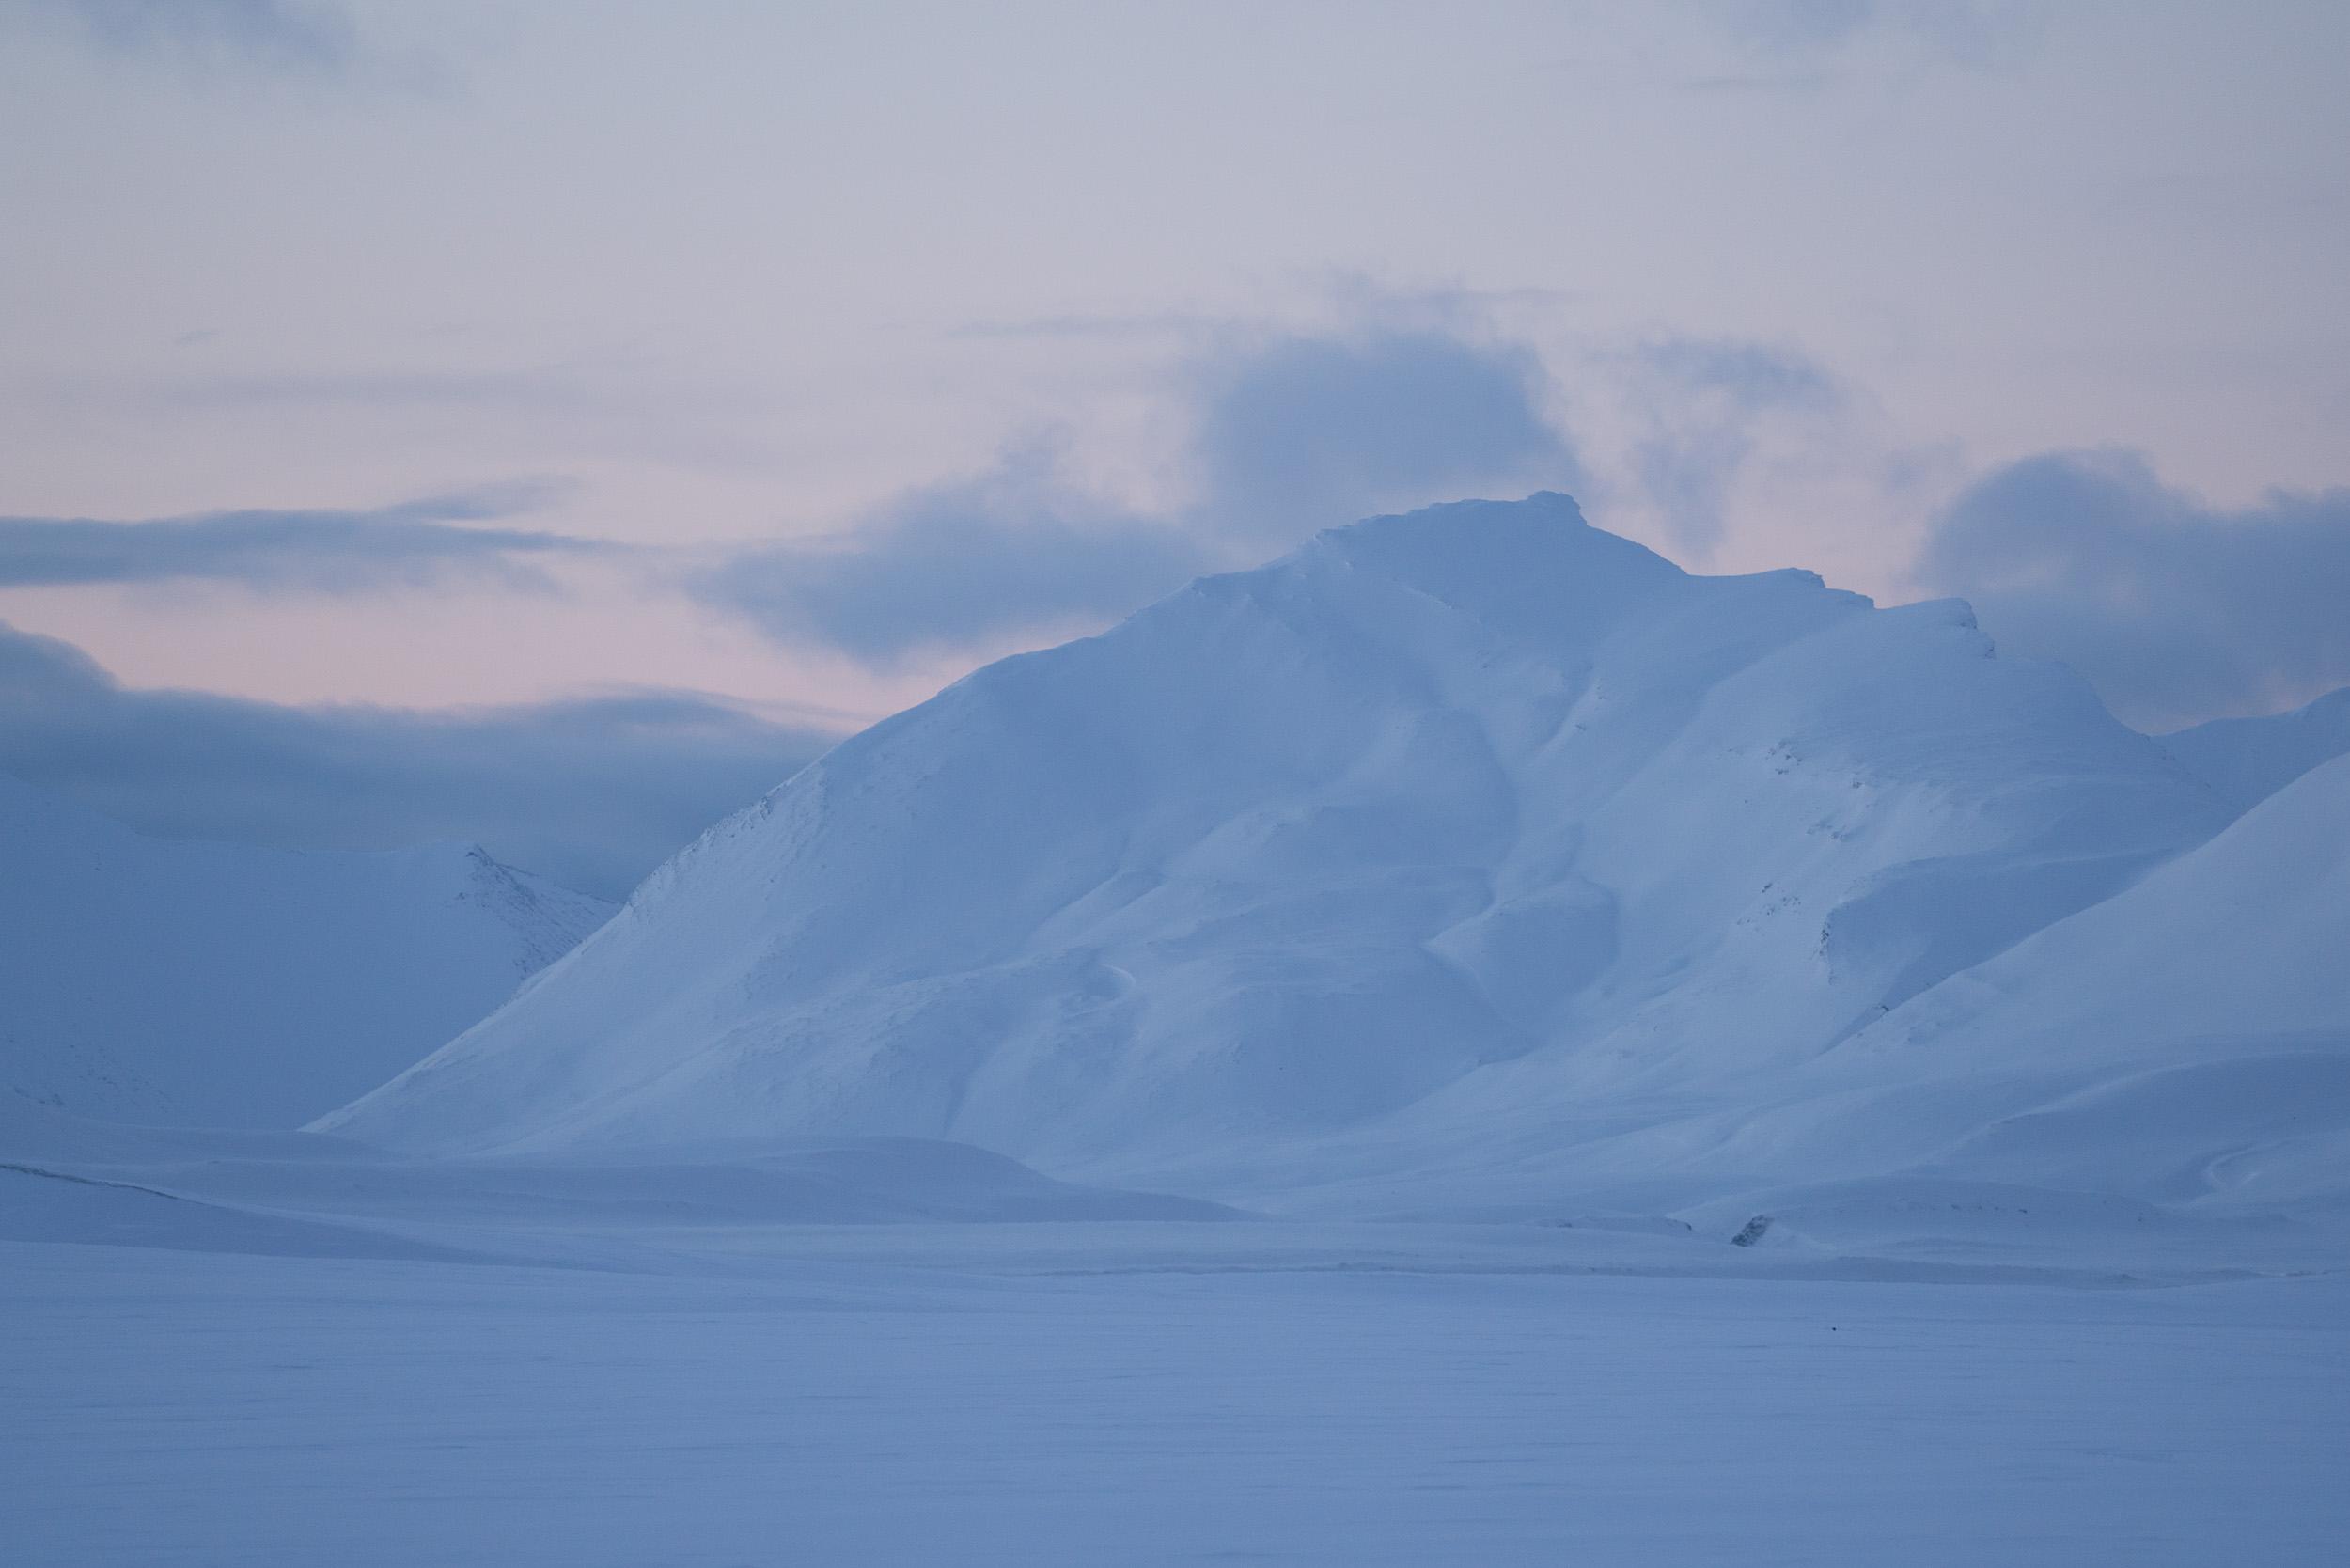 the_getaway_edit_svalbard_isfjord_radio-3.jpg